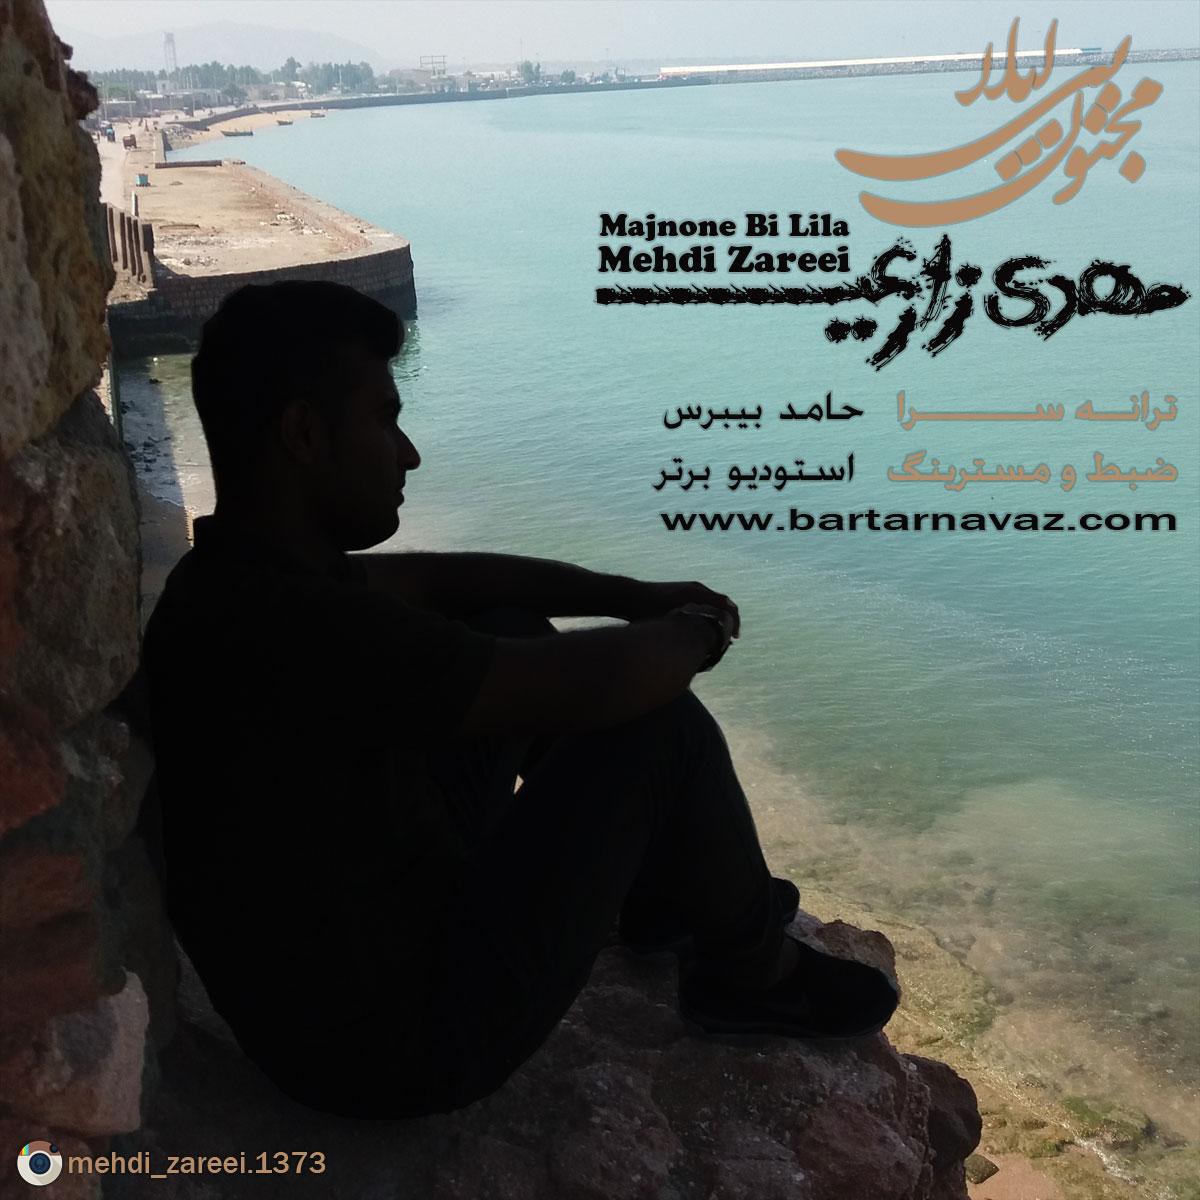 Majnone Bi Lila – Mehdi Zareei